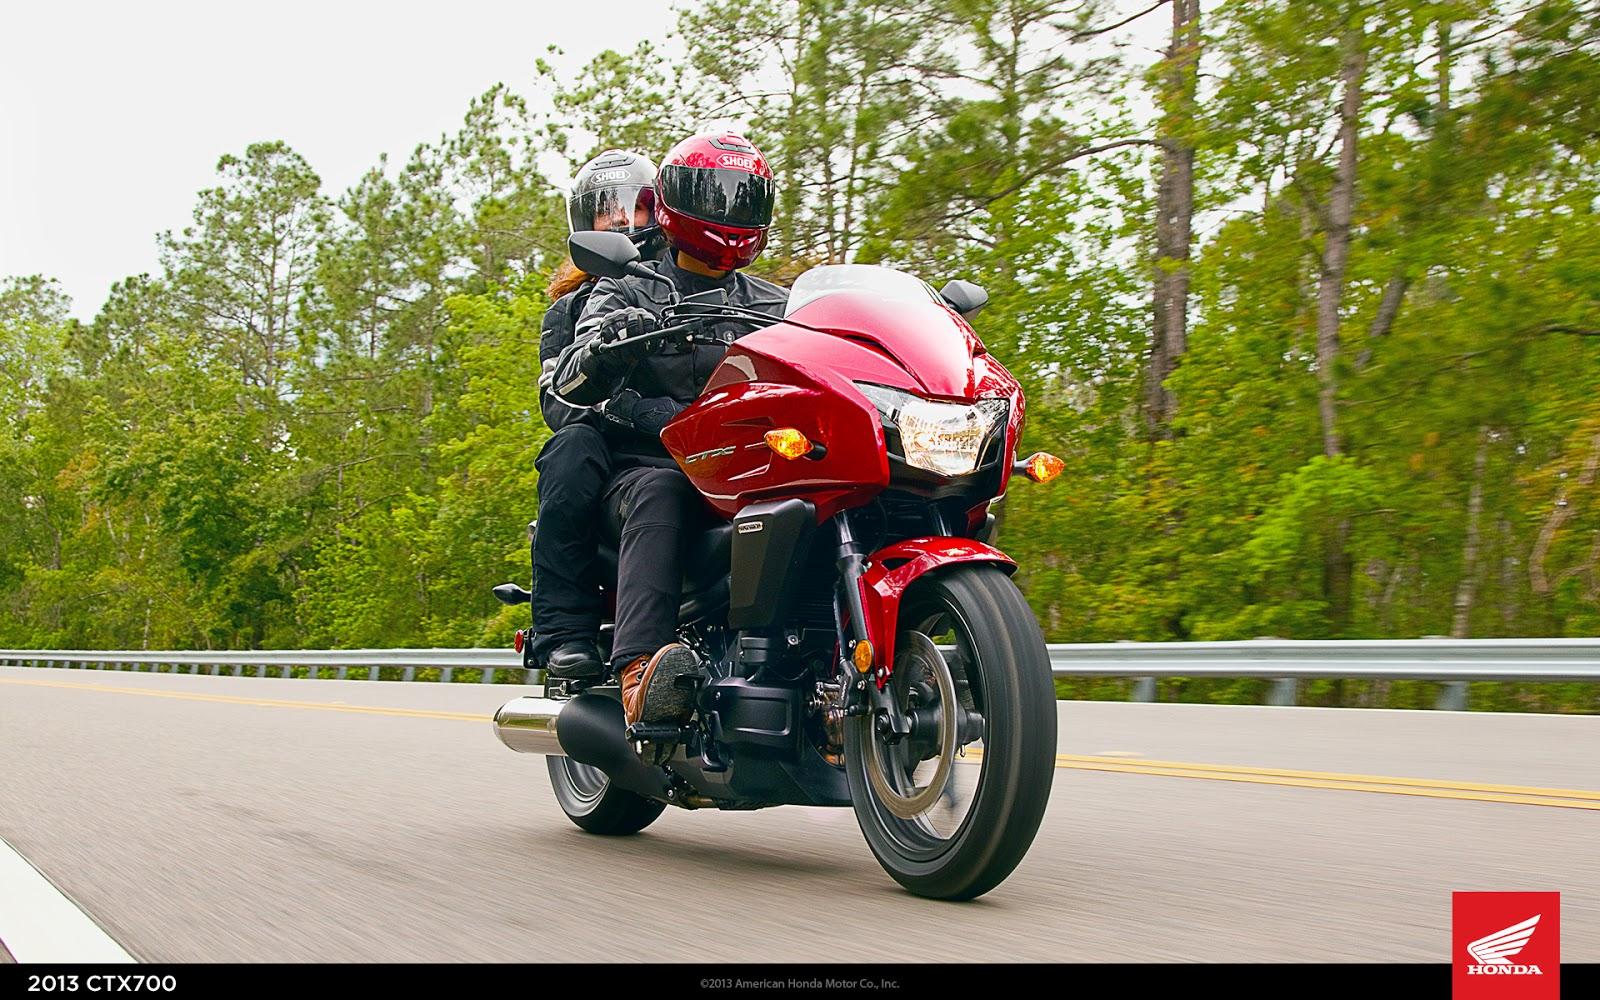 Western honda motorcycles honda atvs honda motorcycle for Honda motorcycle dealership kansas city